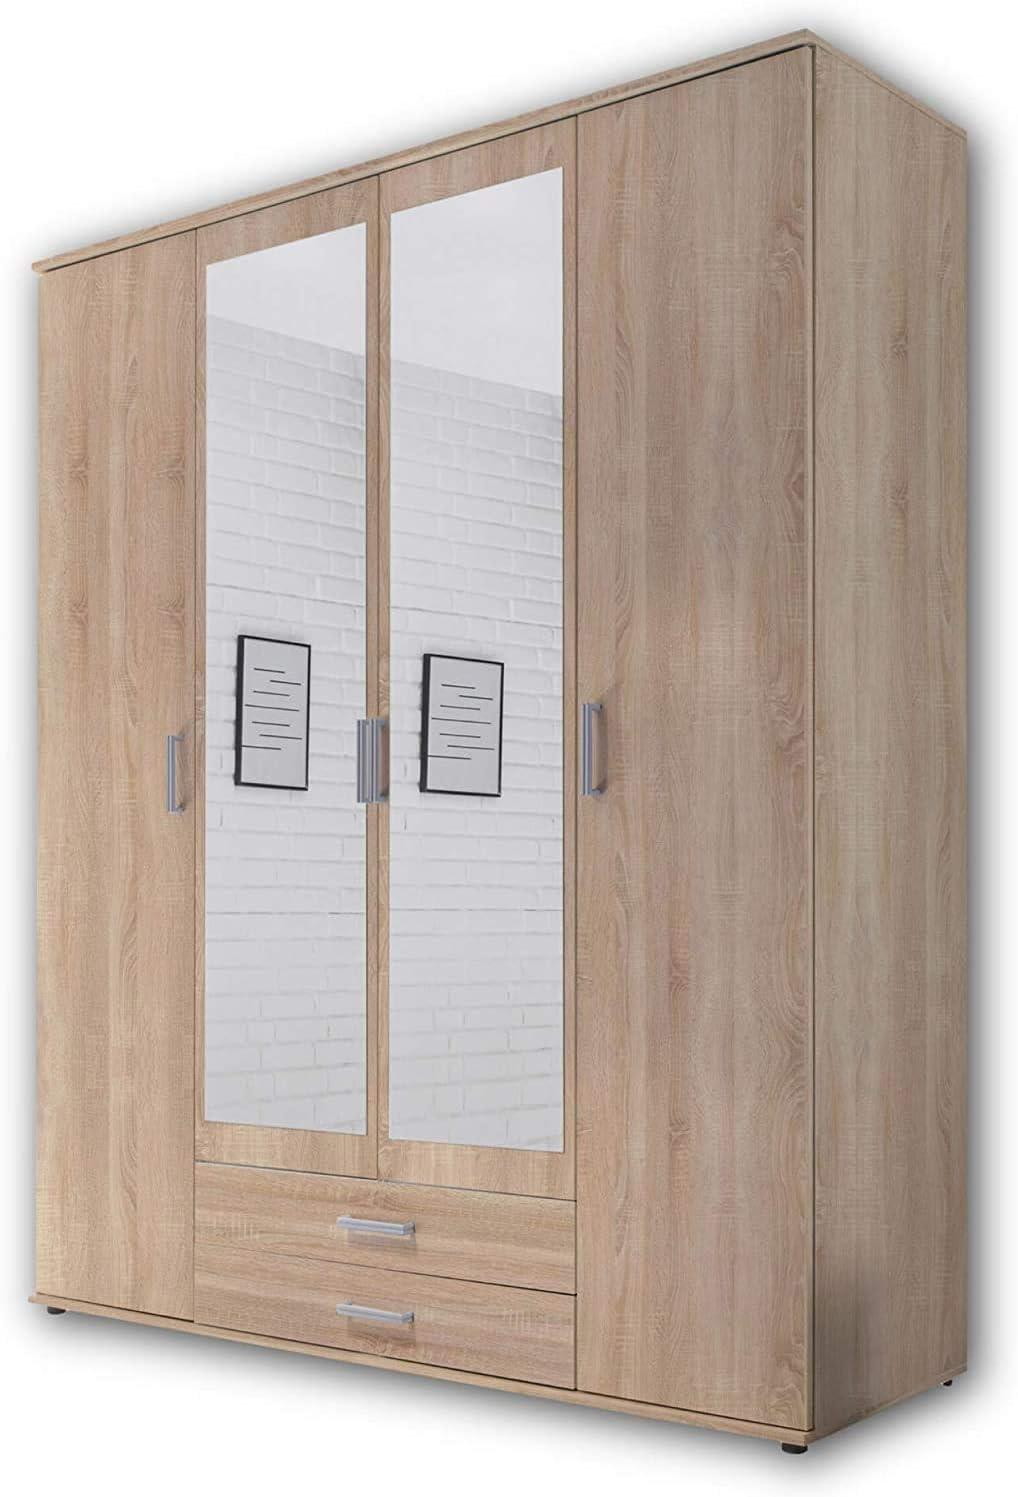 el espacio de almacenamiento a granel armario puerta con bisagras multifuncional con dos cajones,White-3 doors Armario con espejo Puerta cl/ásica